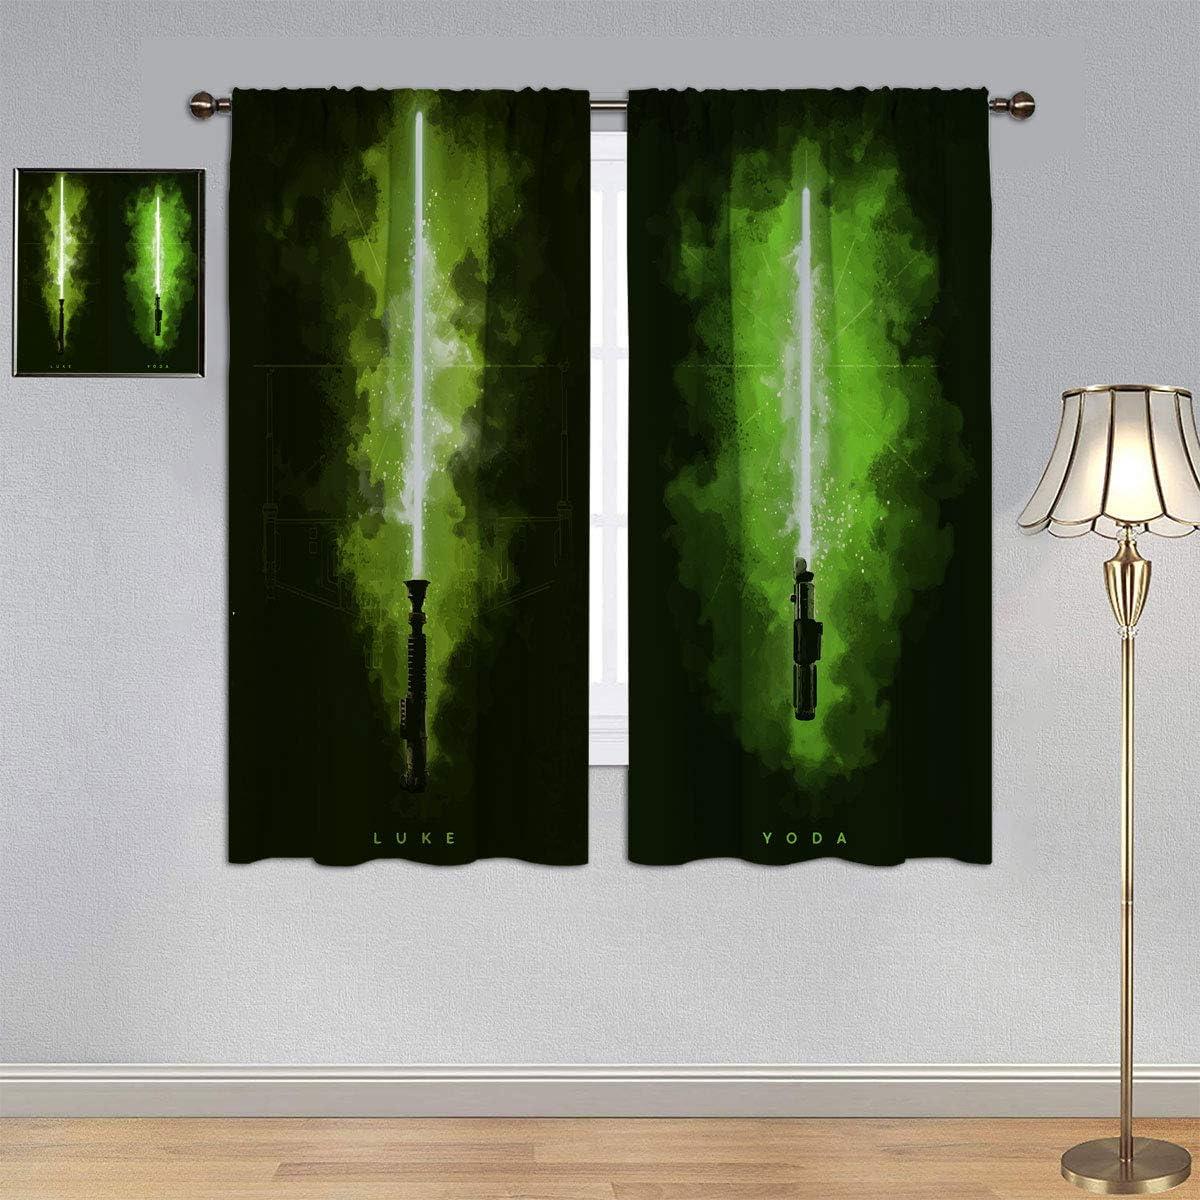 Luke /& Darth Maul Energieeffizienz Vorh/änge f/ür Kinderzimmer 107 x 114 cm Star Wars Lichtschwert-Vorh/änge ARYAGO Energieeffizienter w/ärmeisolierter Verdunkelungsvorhang